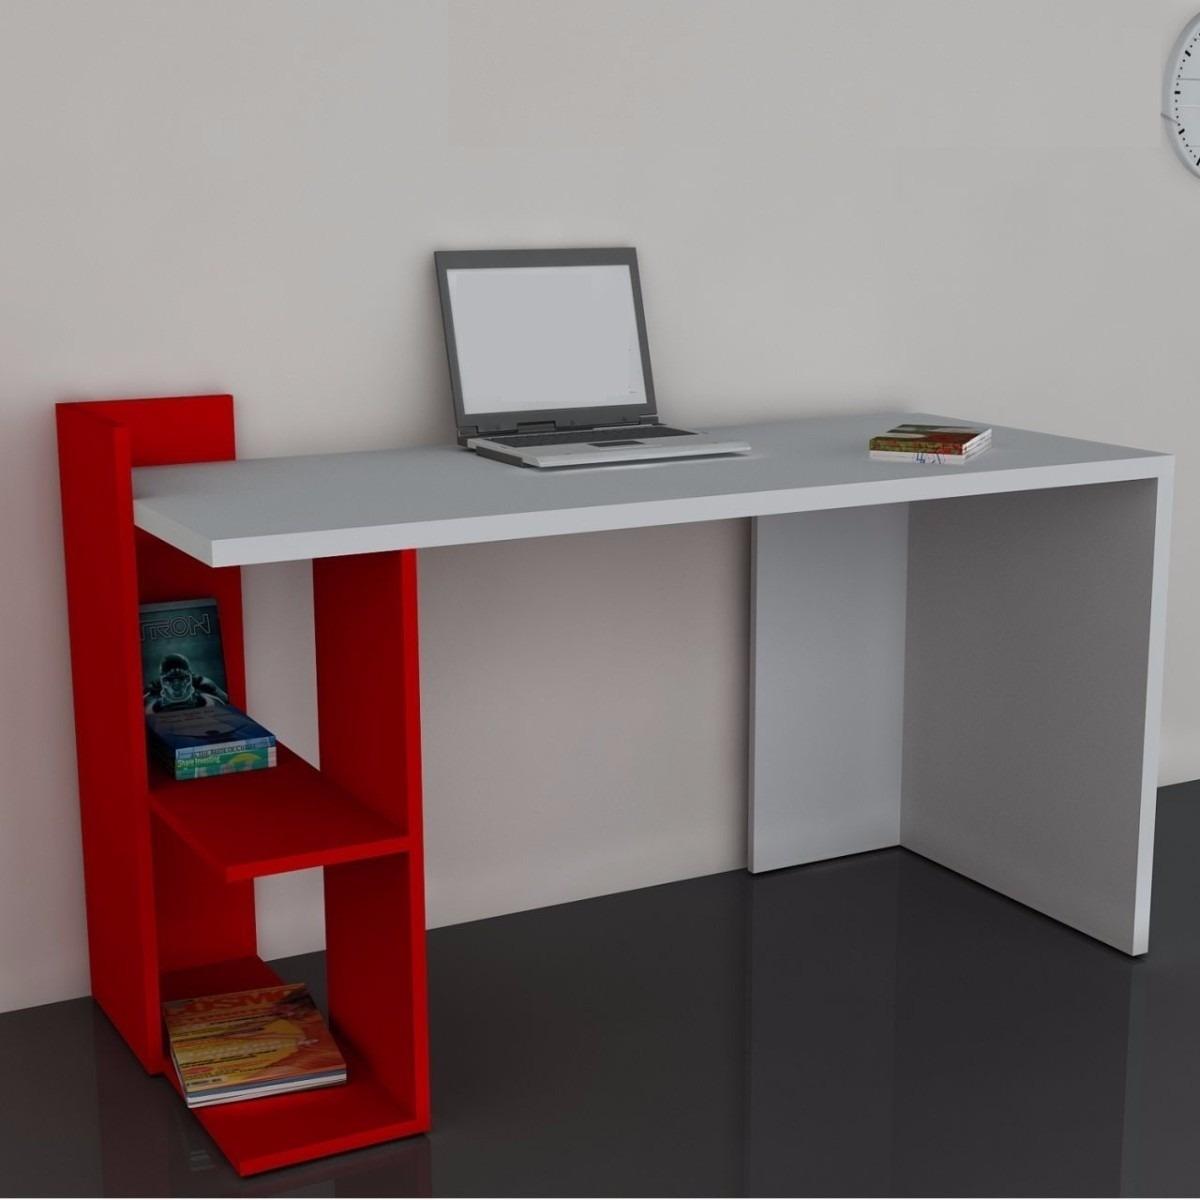 Escritorio  Melamina  Mueble Moderno  Oficina    3